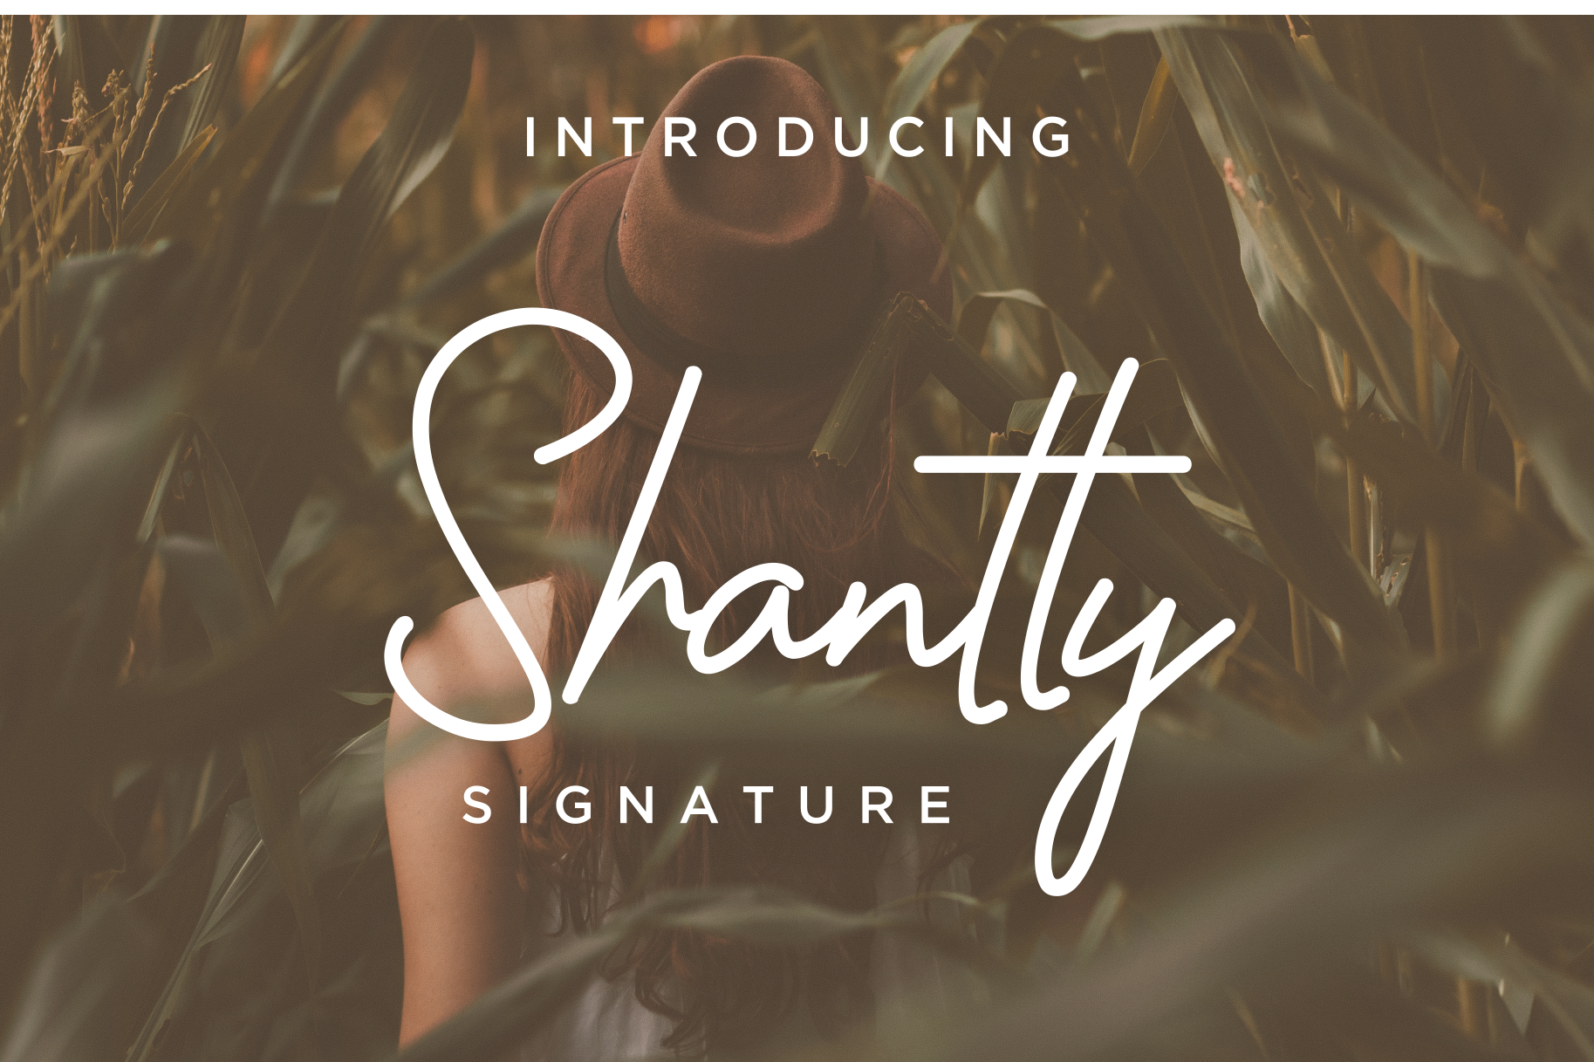 Shantty - Shantty 1 1 -